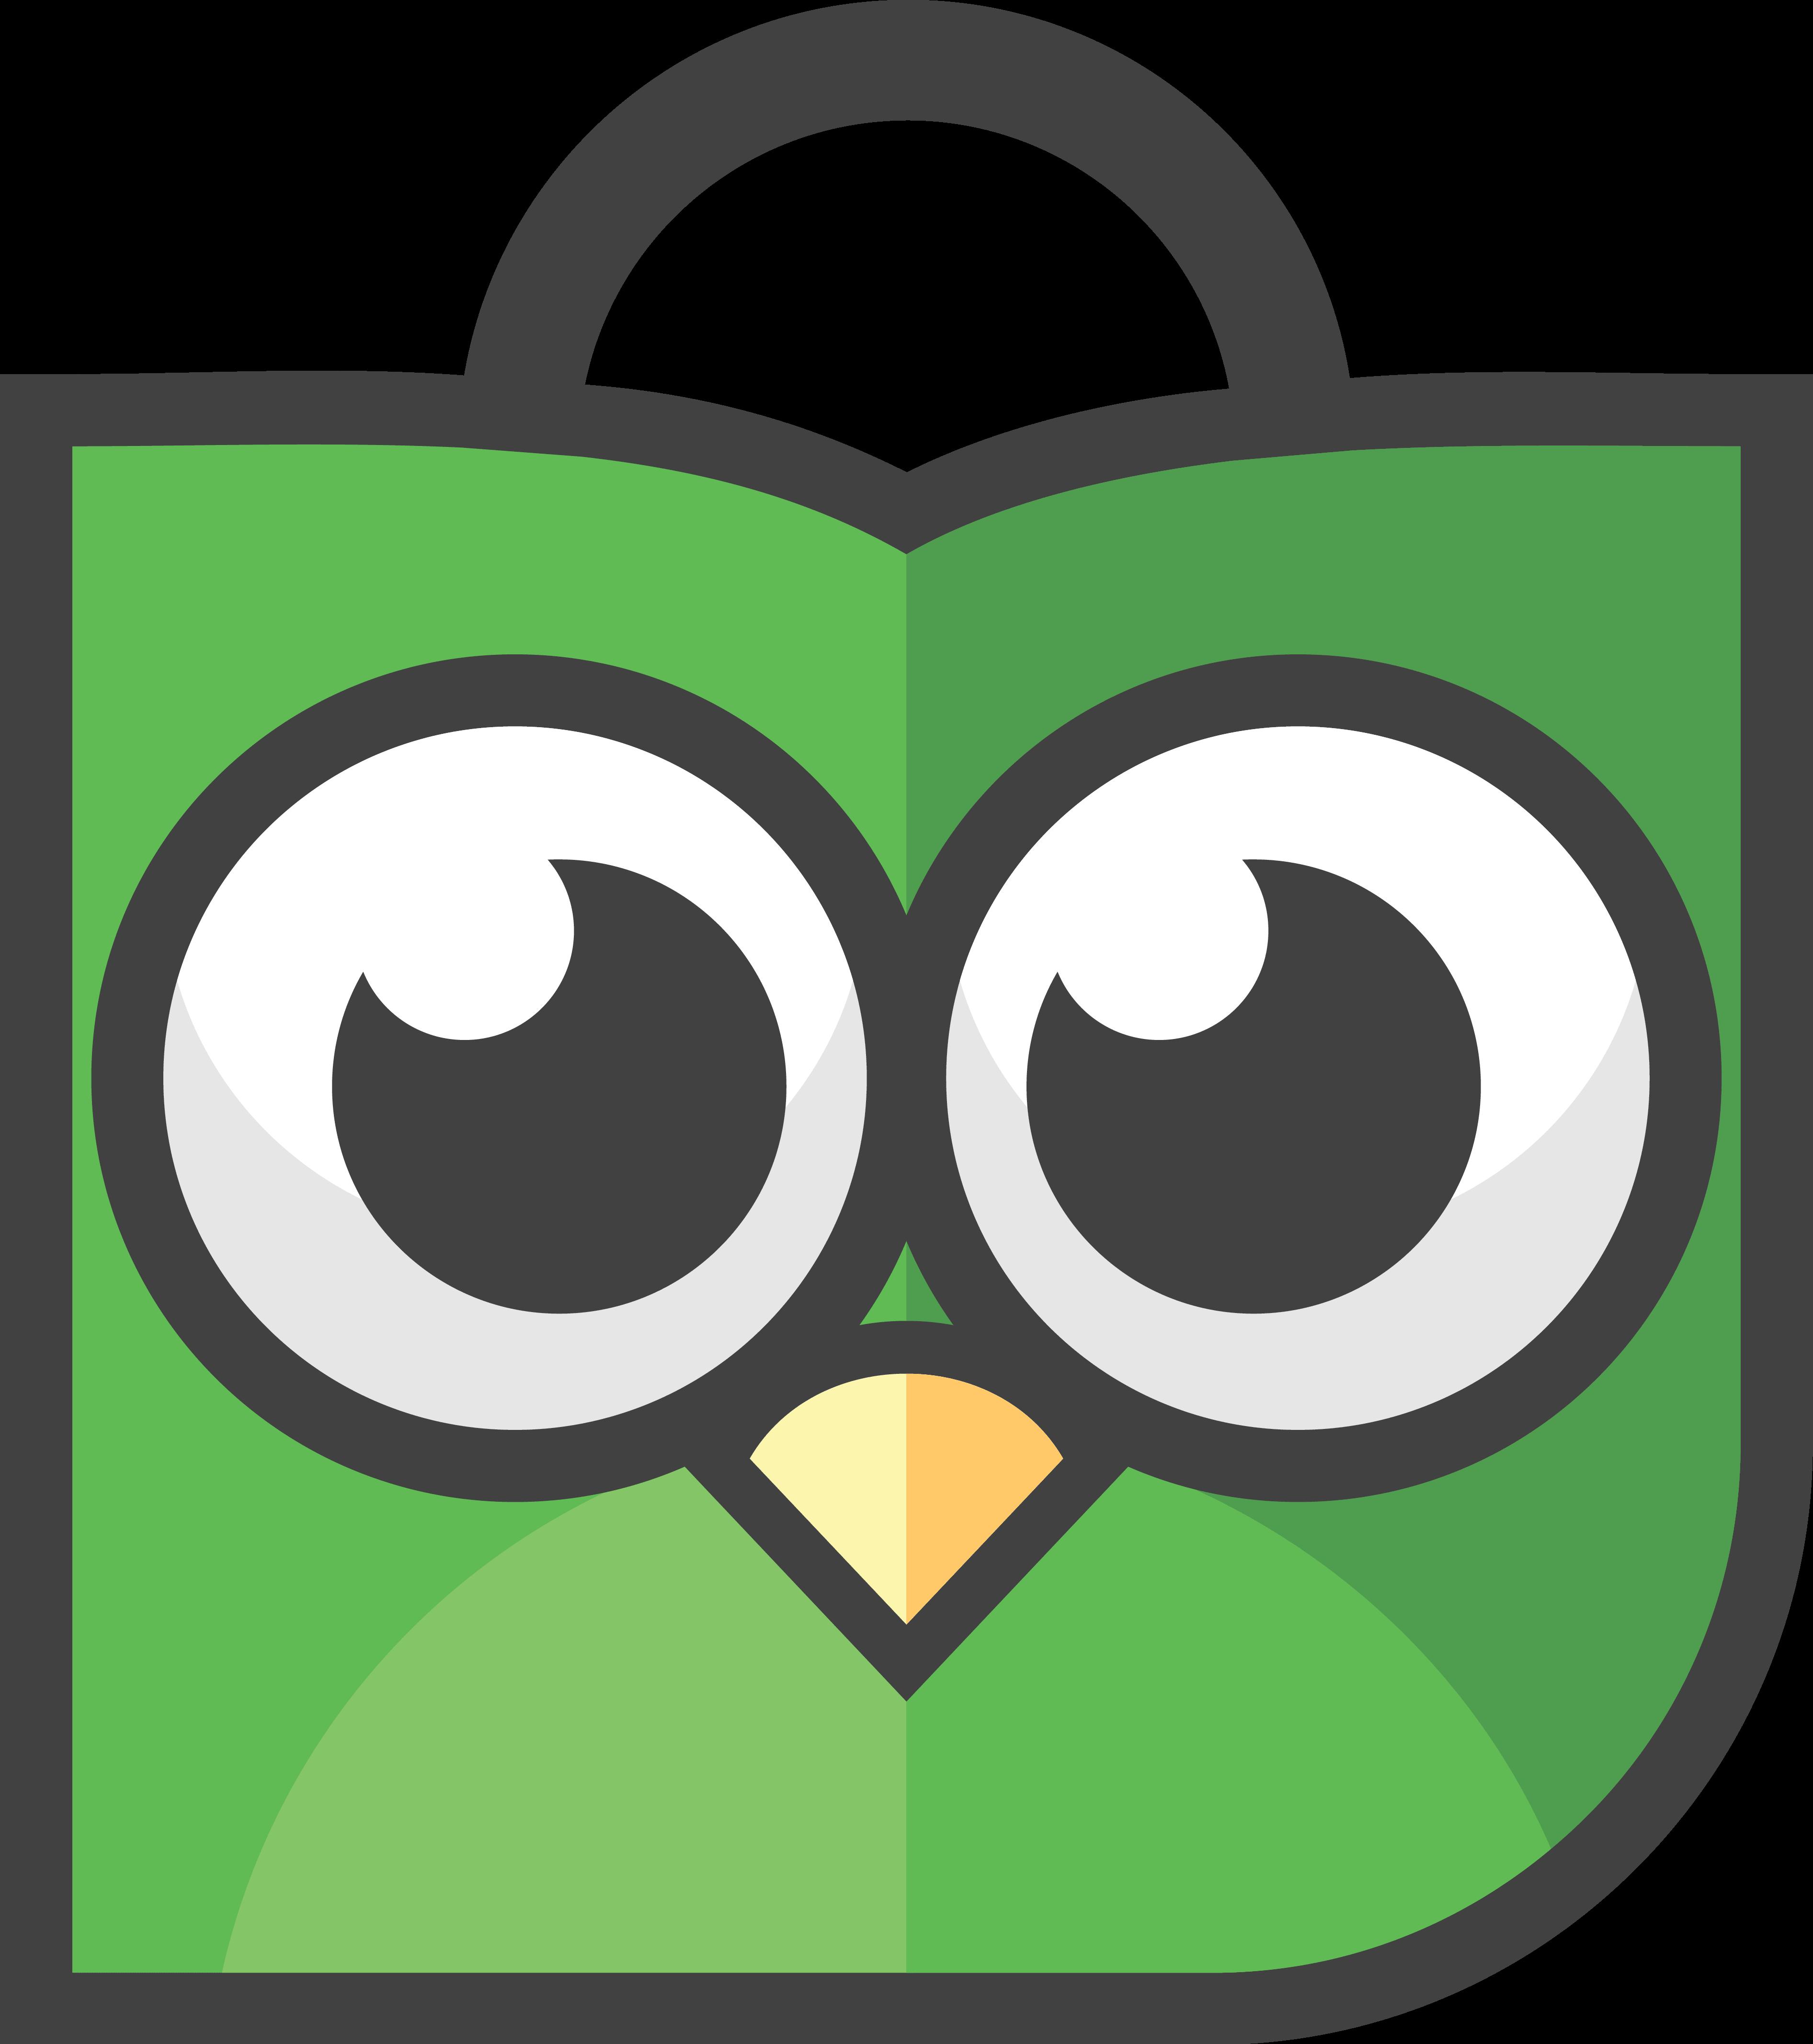 Mudahnya Beli Produk Idaman Pulsa Token Listrik Tiket Liburan Hingga Bayar Berbagai Tagihan Semua Dimulai Dari Aplikasi Tokopedia Produk Aplikasi Branding